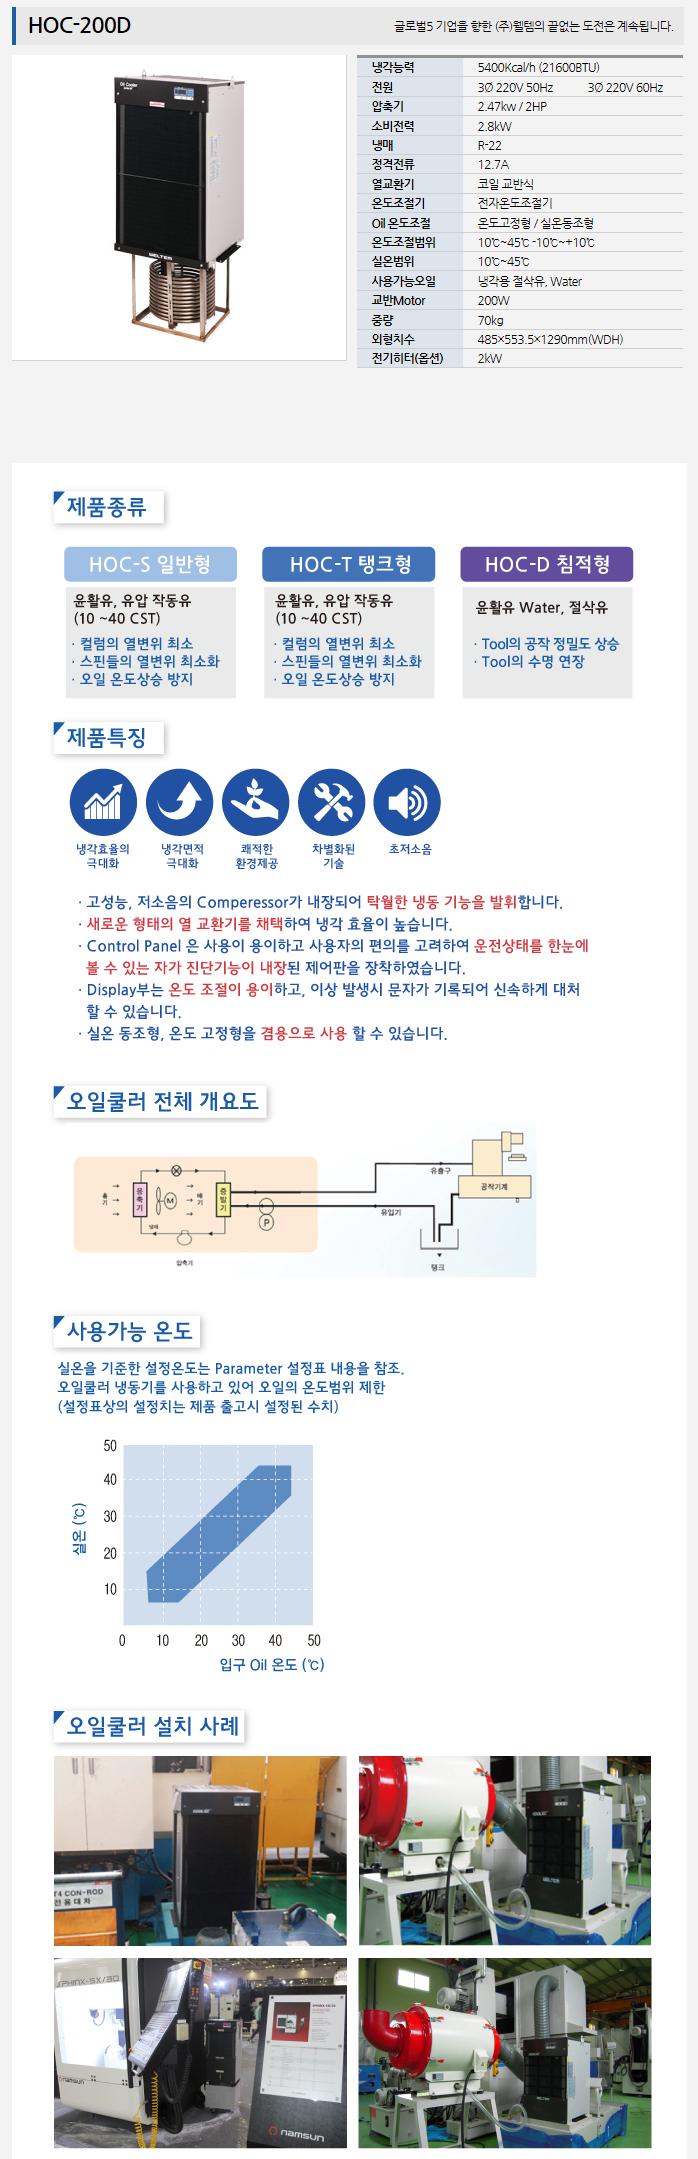 (주)웰템  HOC-200D